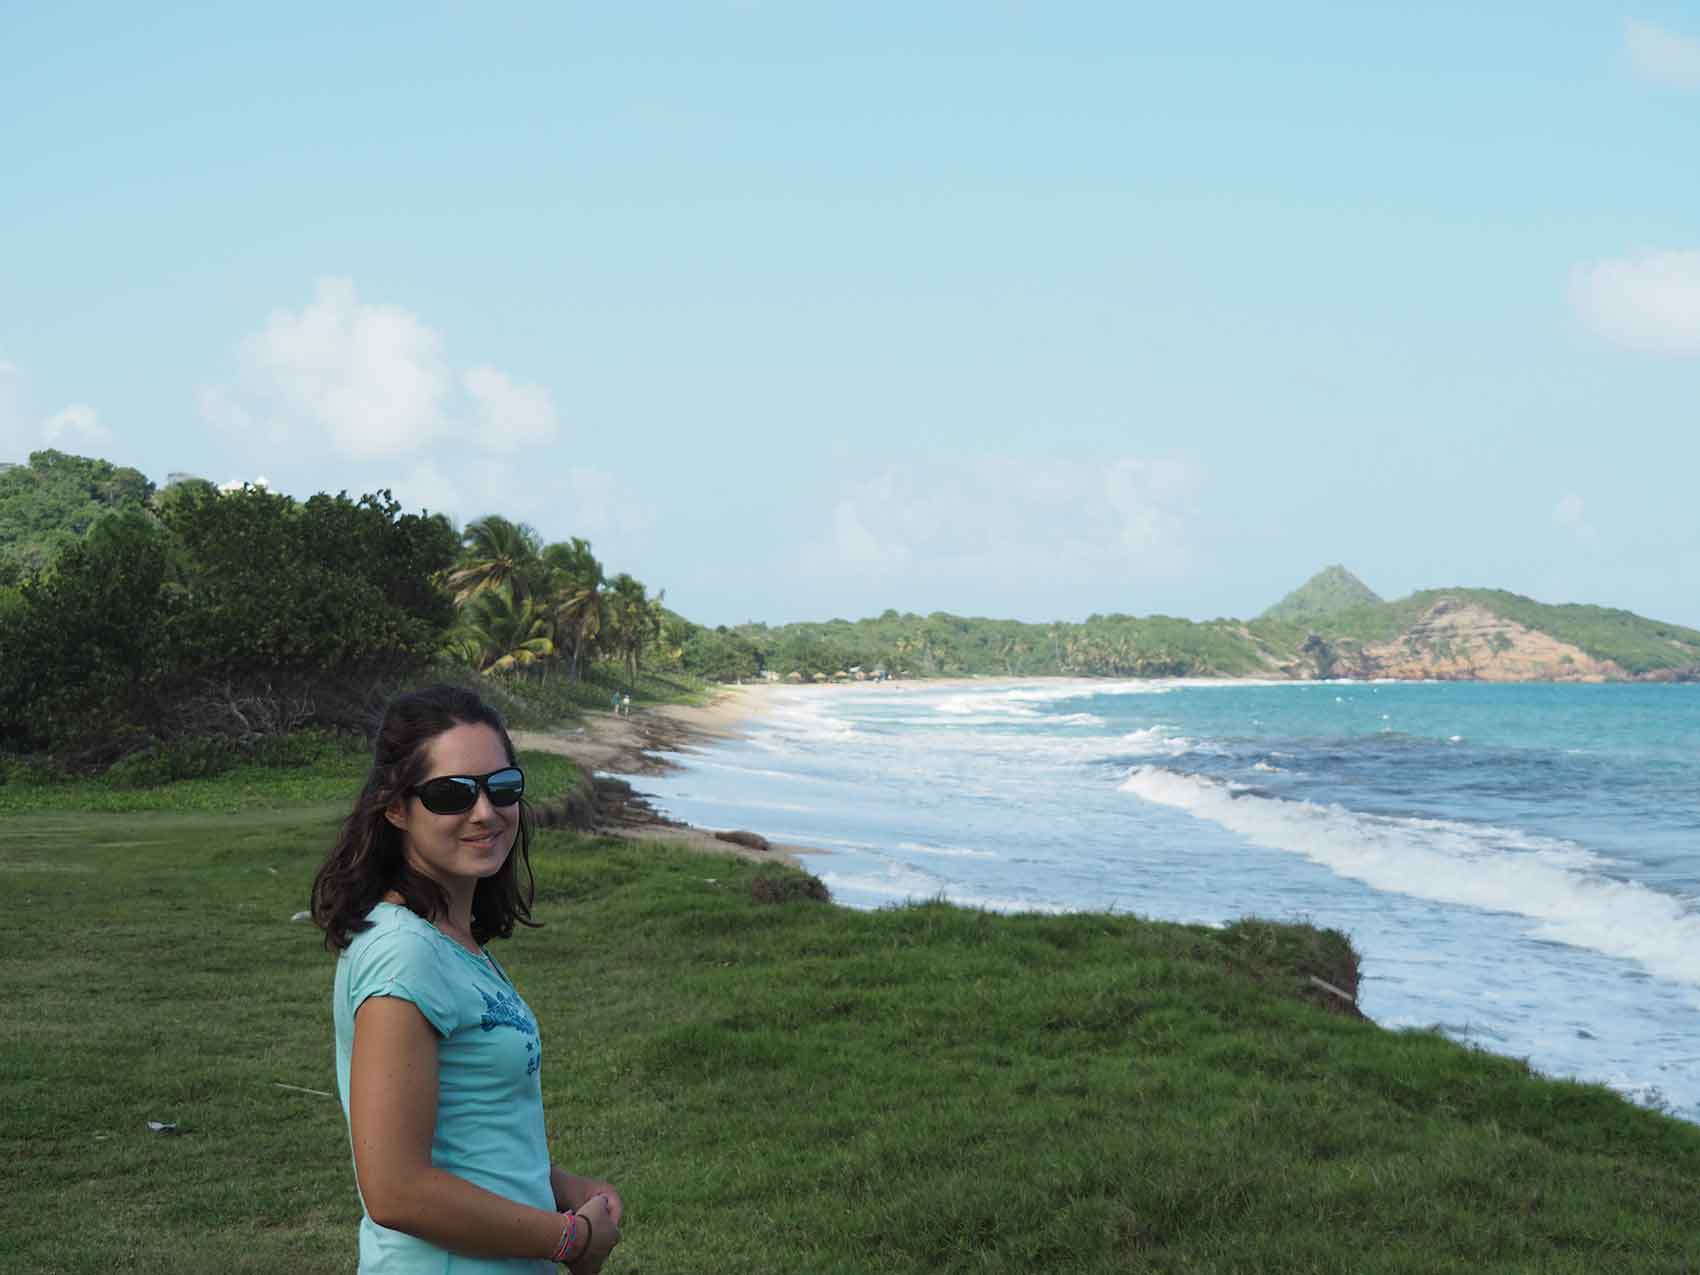 Anaïs sur une plage au nord de l'île de Grenade.